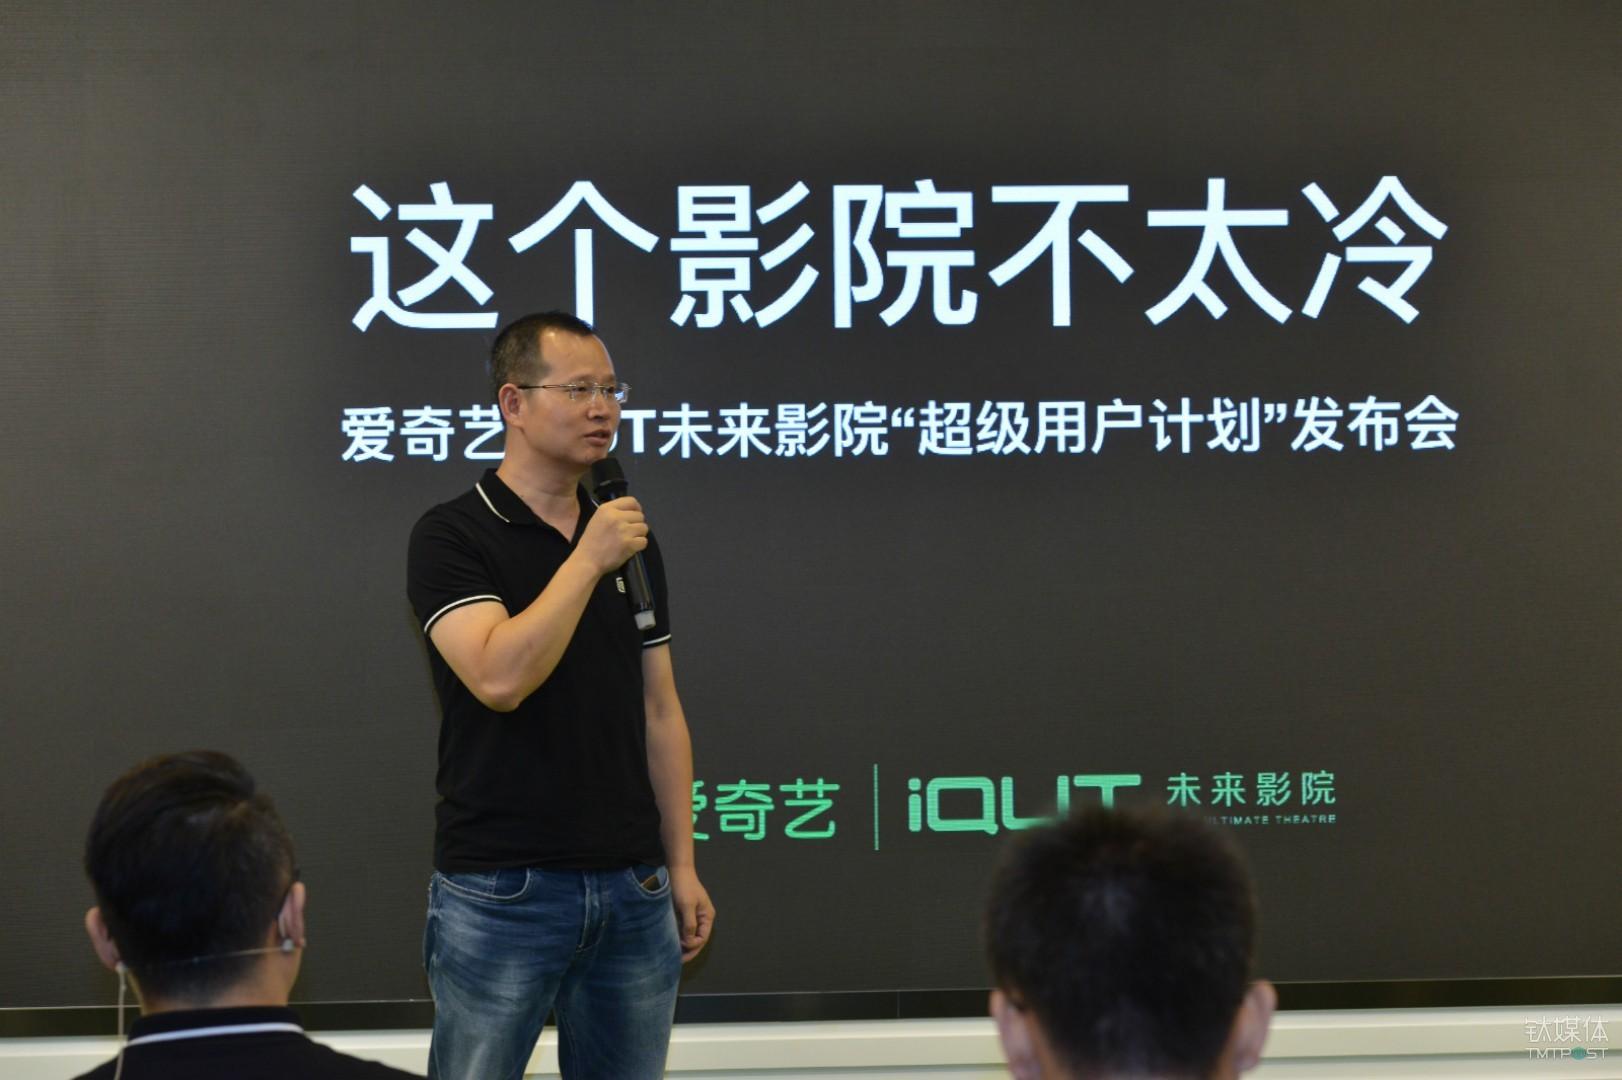 爱奇艺智能 CEO 熊文